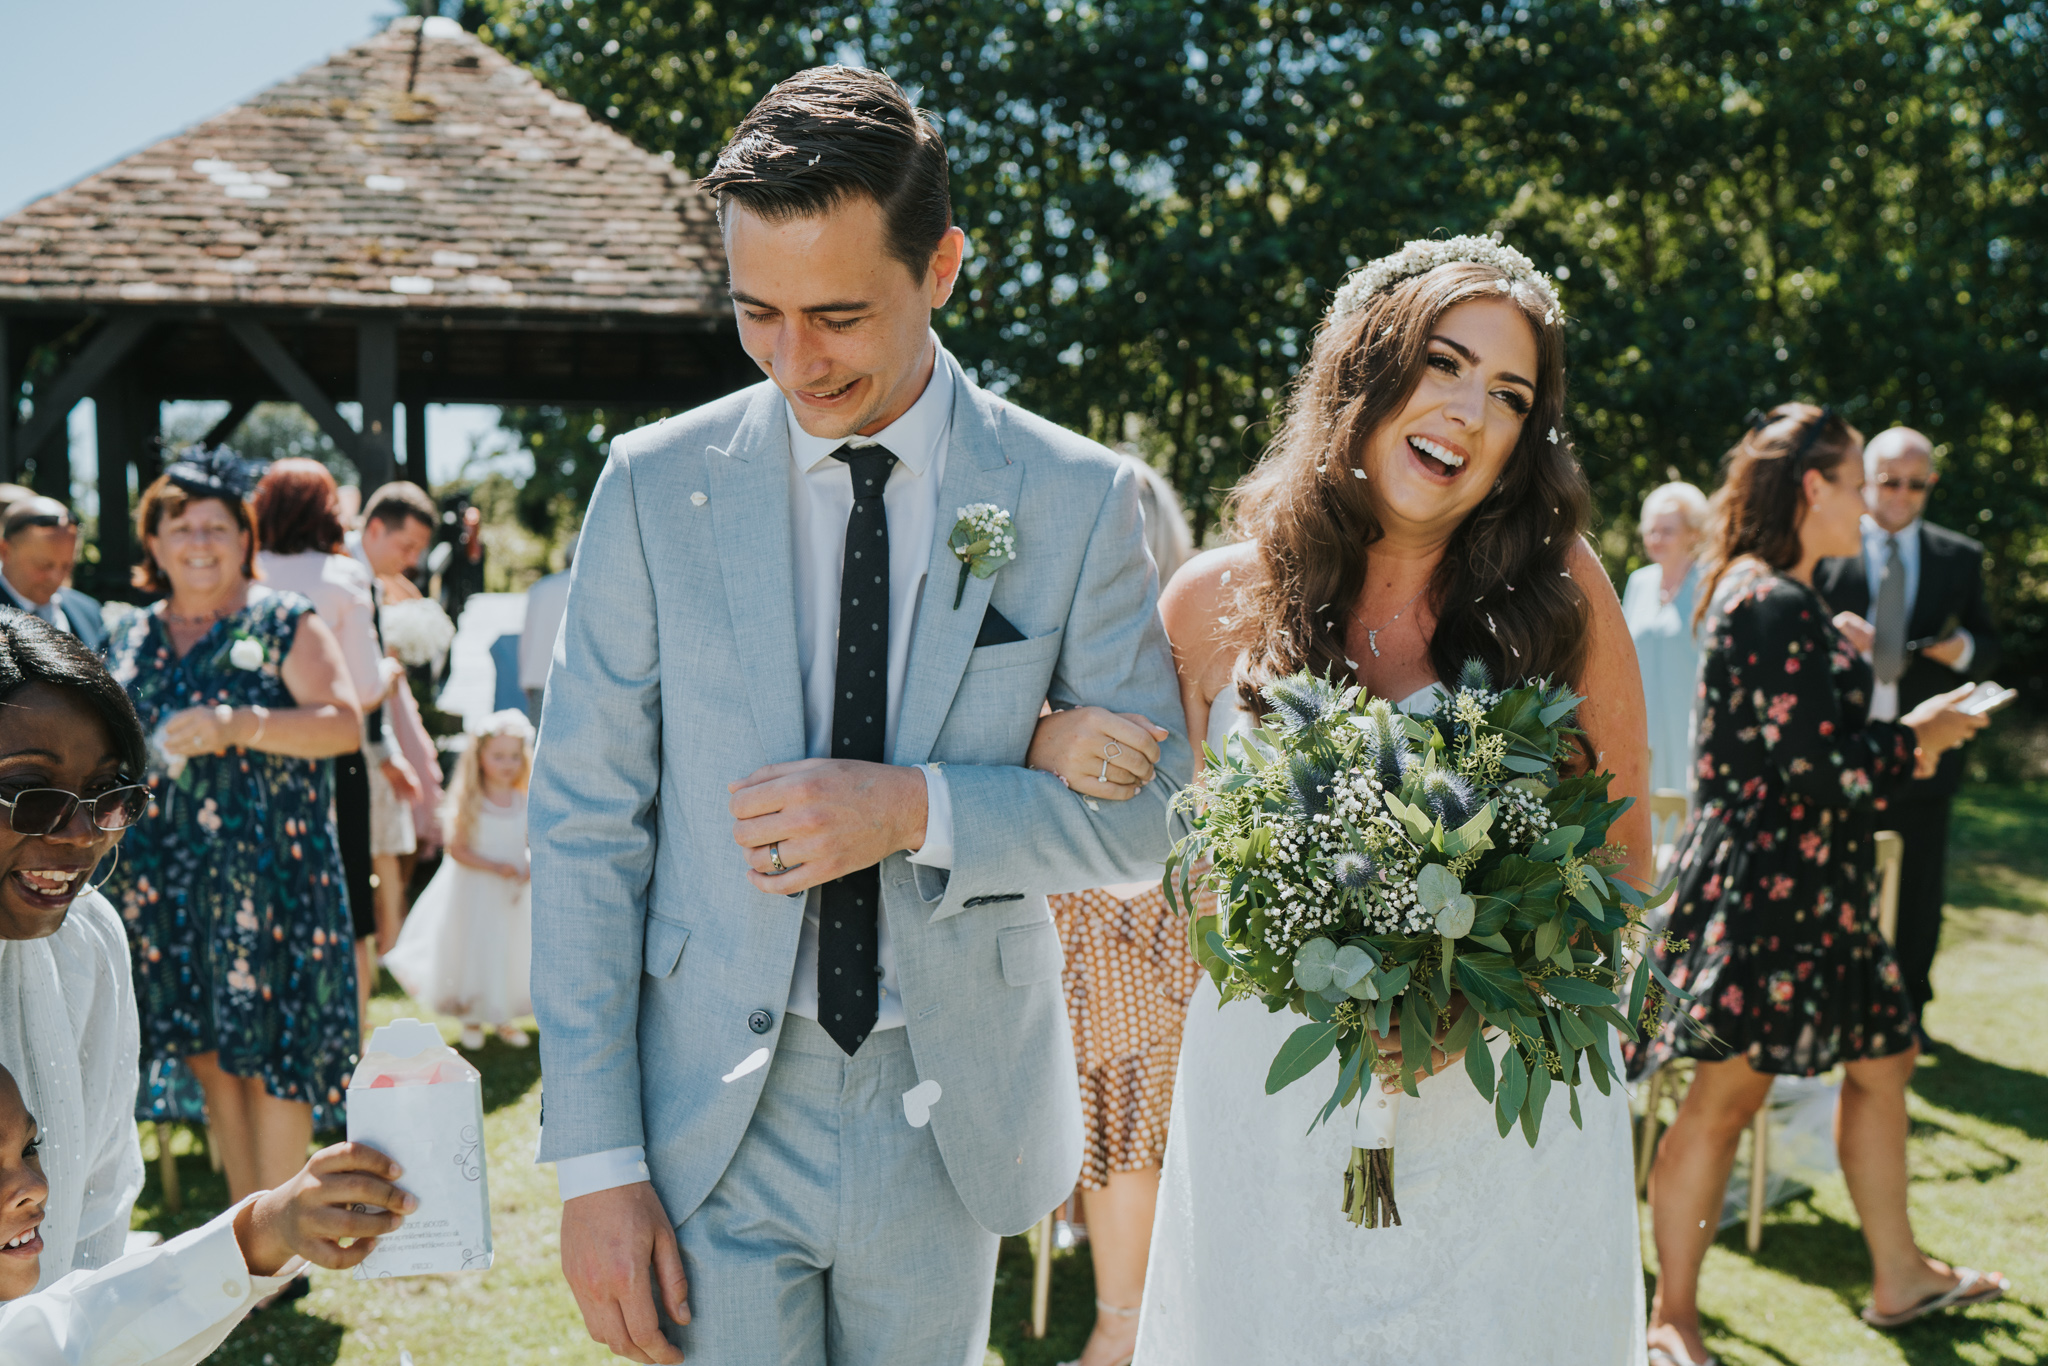 grace-elizabeth-essex-wedding-photographer-best-2018-highlights-norfolk-essex-devon-suffolk (45 of 100).jpg